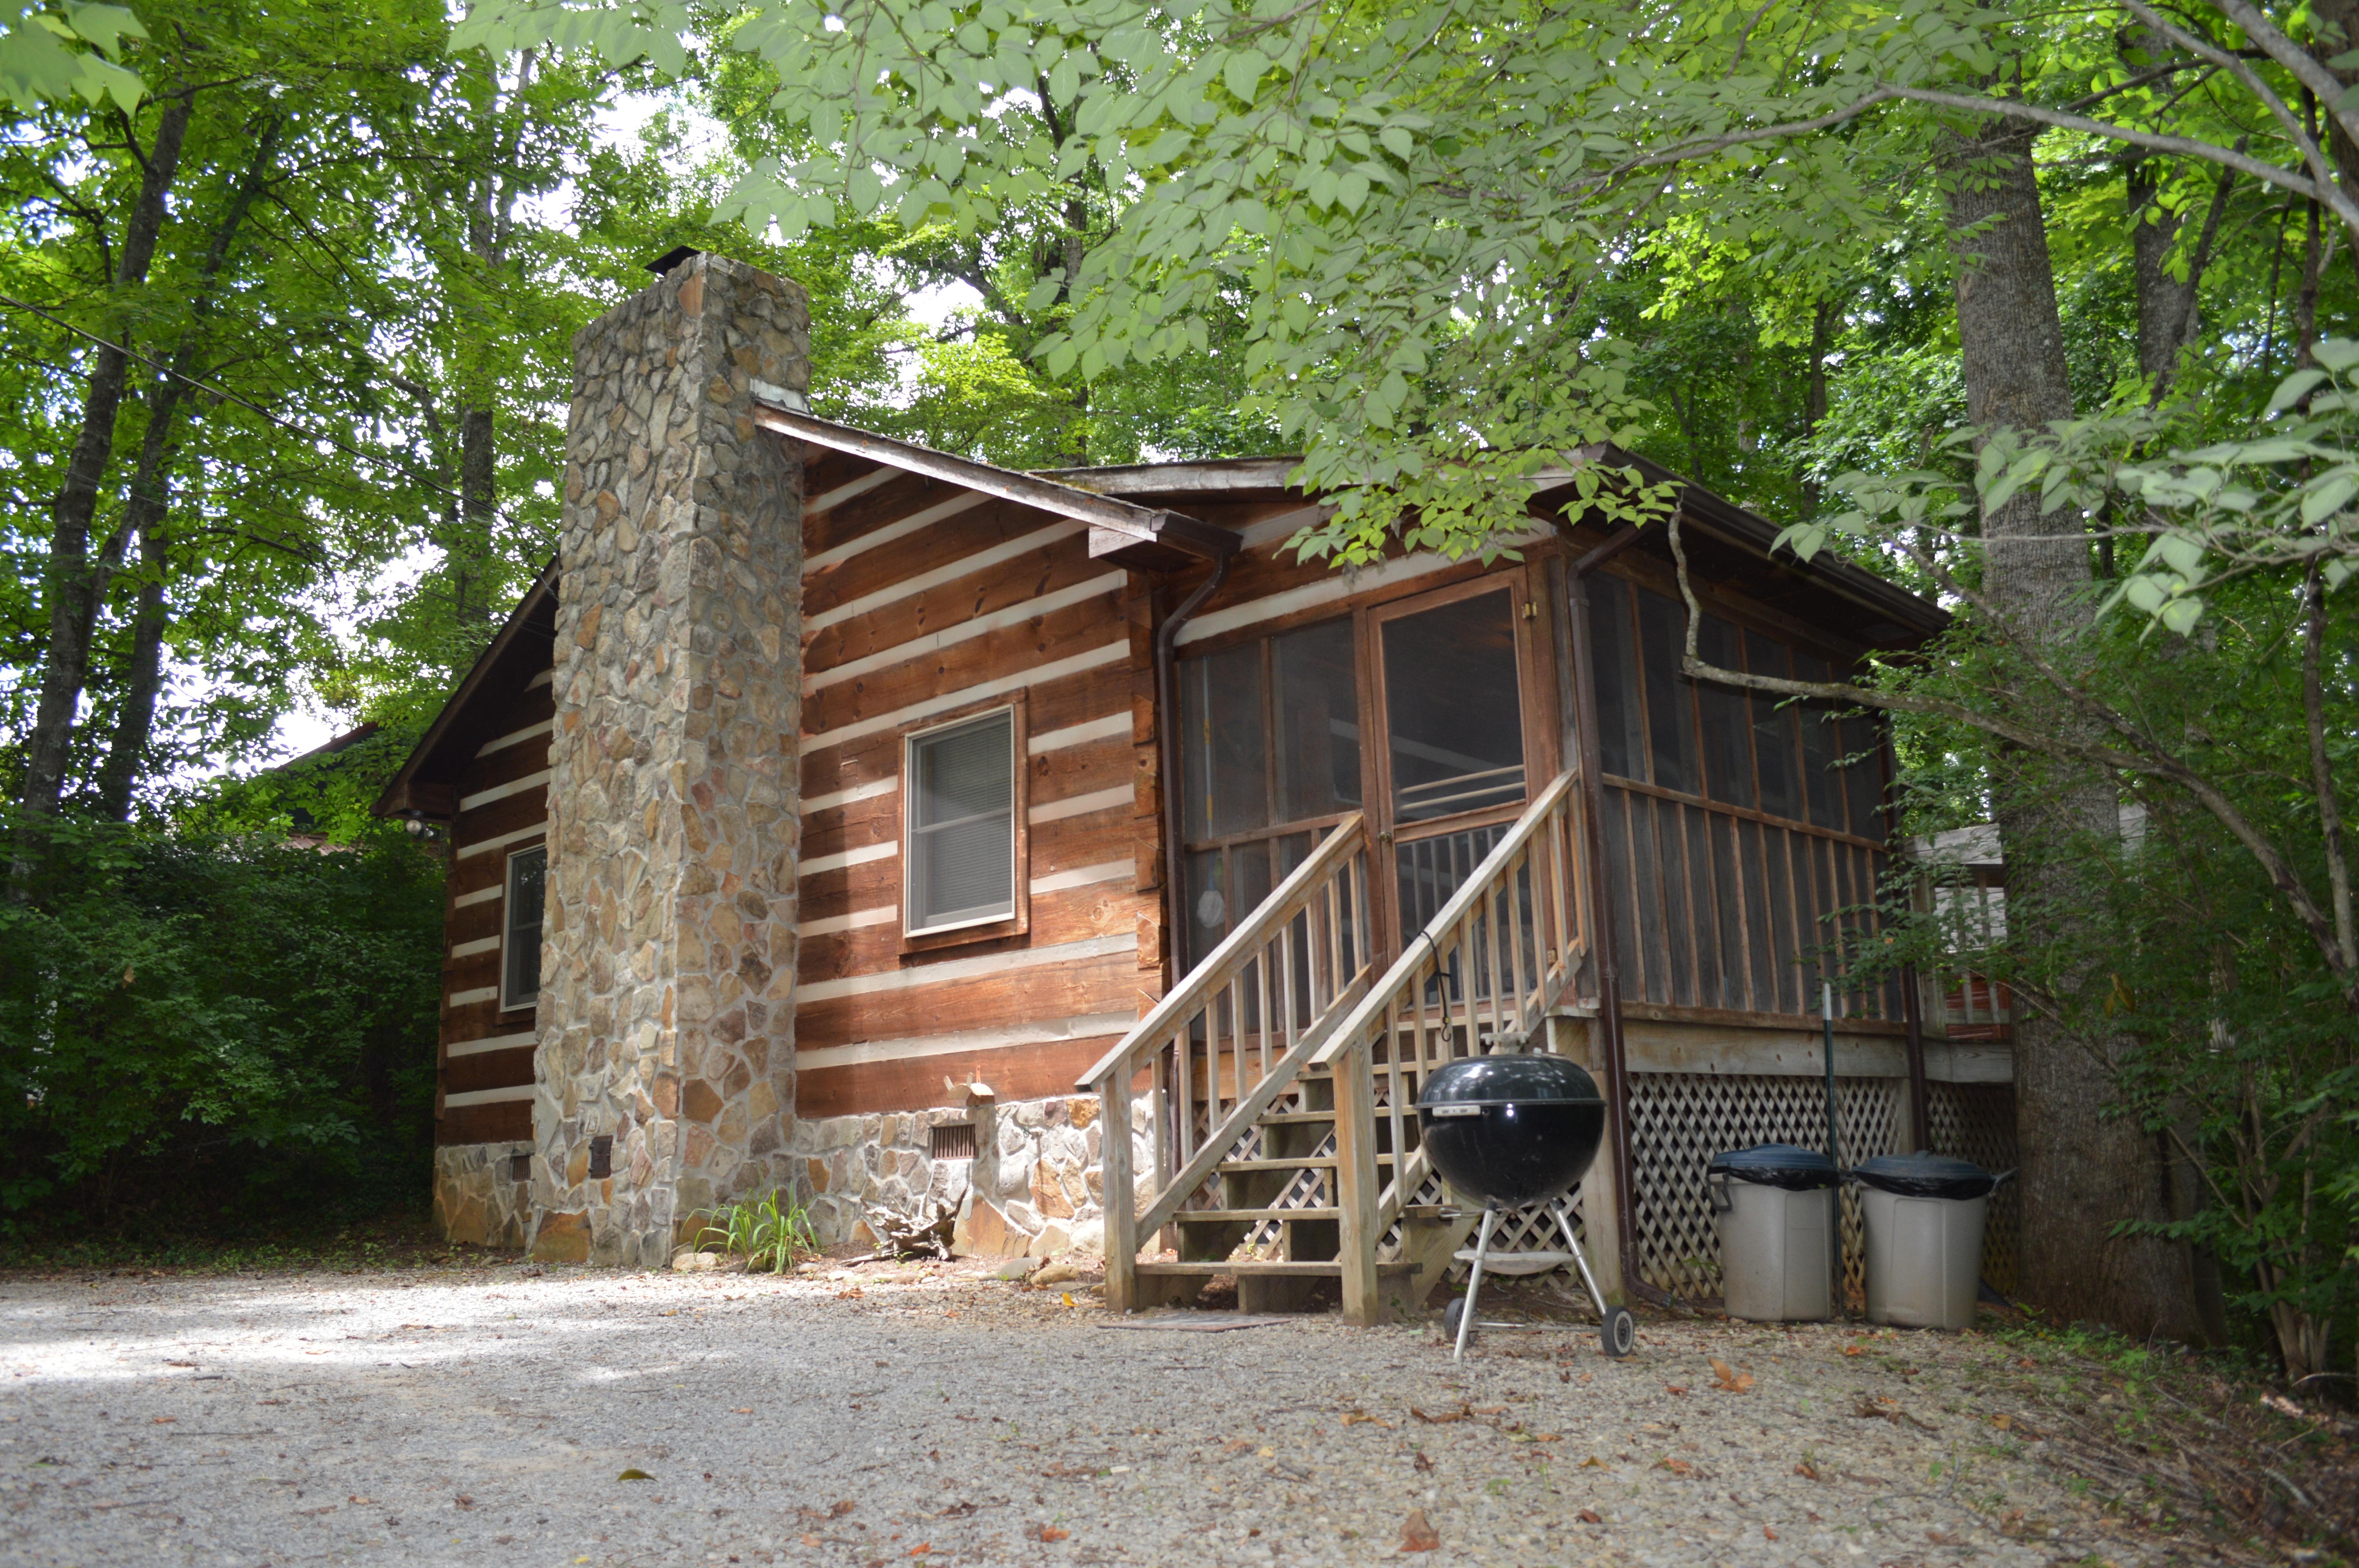 Townsend Log Cabin Near River Tipton S Cabin Rentals